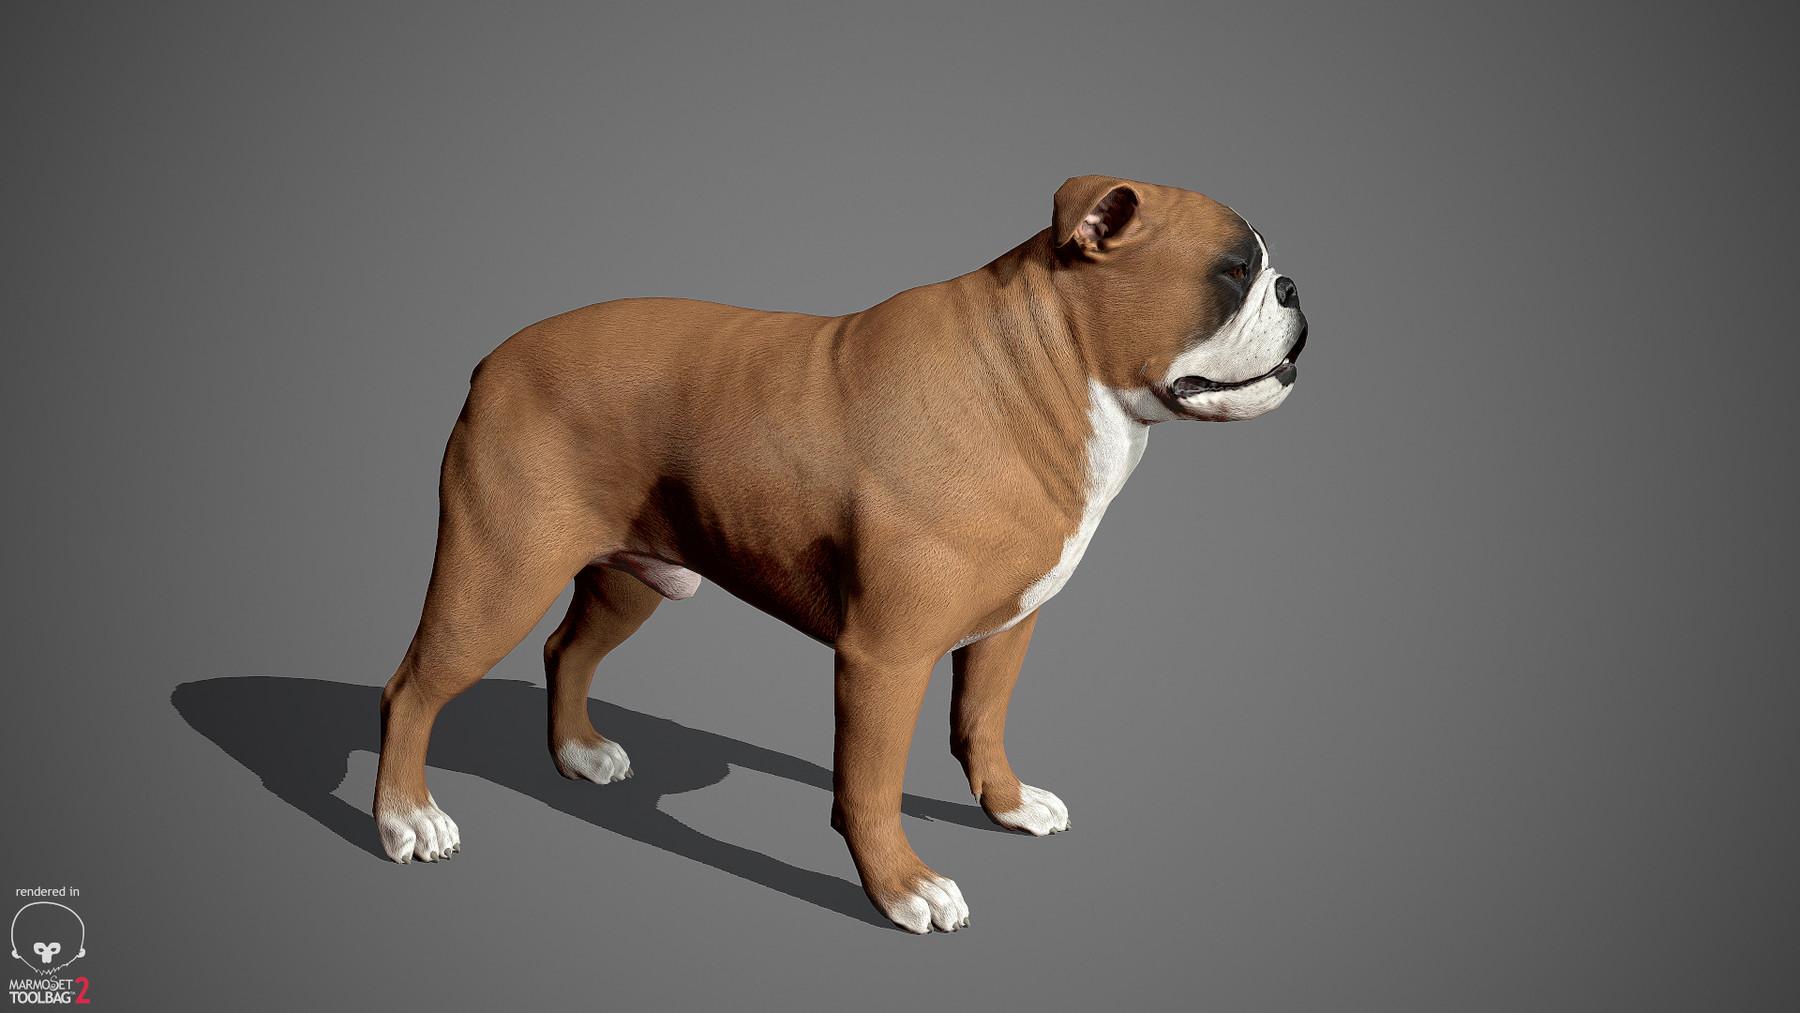 Englishbulldog by alexlashko marmoset 23